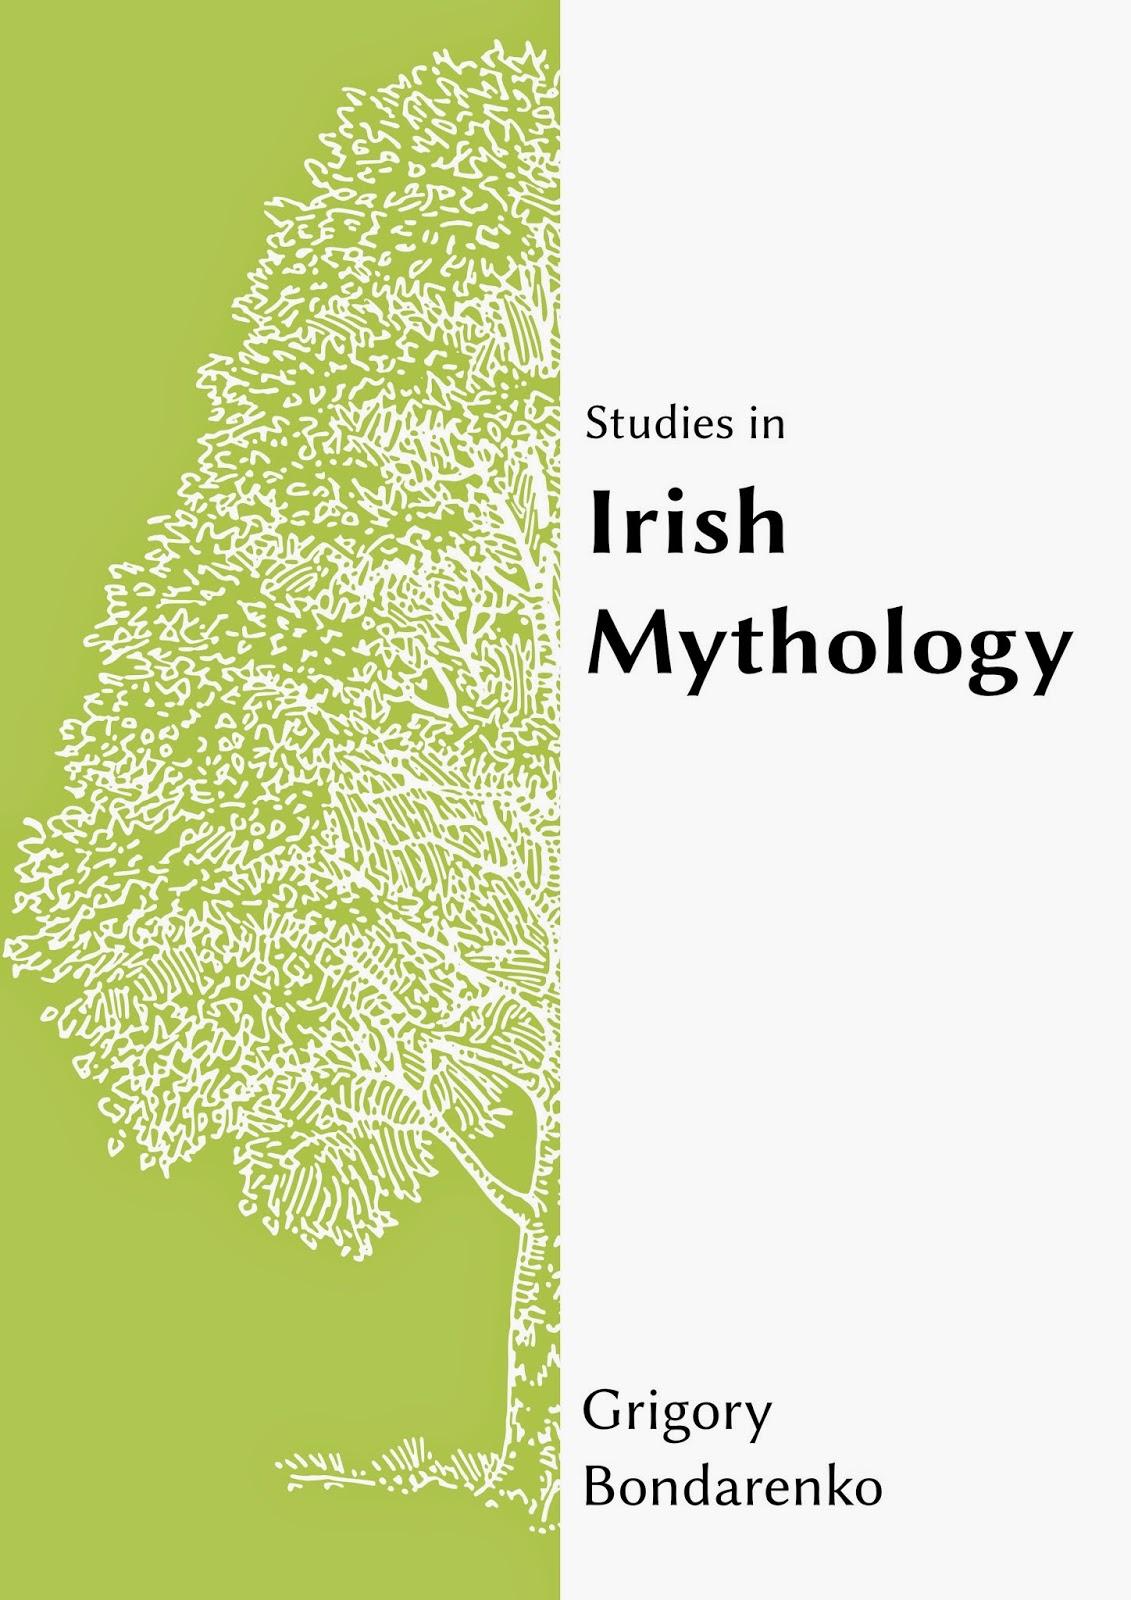 Studies in Irish Mythology